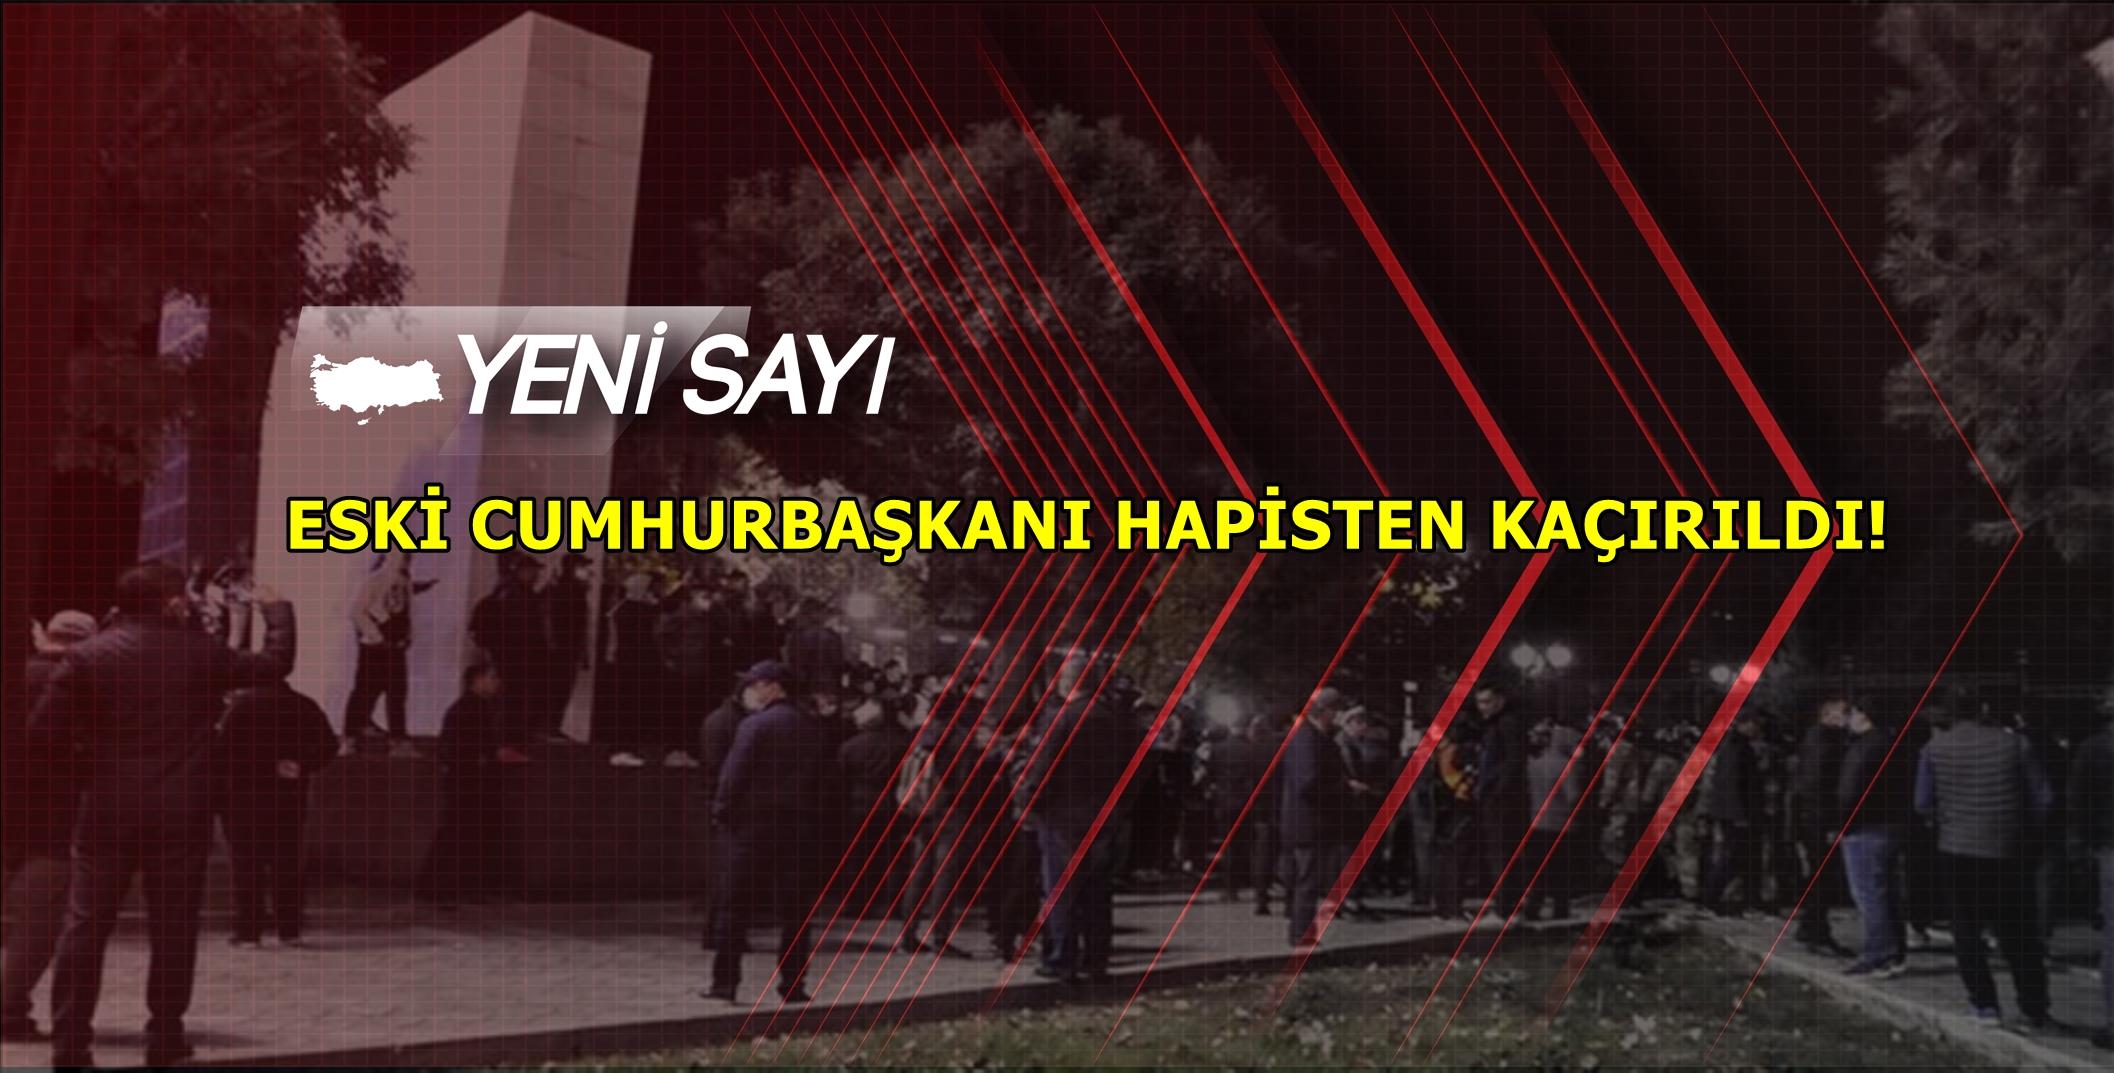 KIRGIZİSTAN'IN BAŞKENTİ BİŞKEK'TE PROTESTOLAR DEVAM EDİYOR!